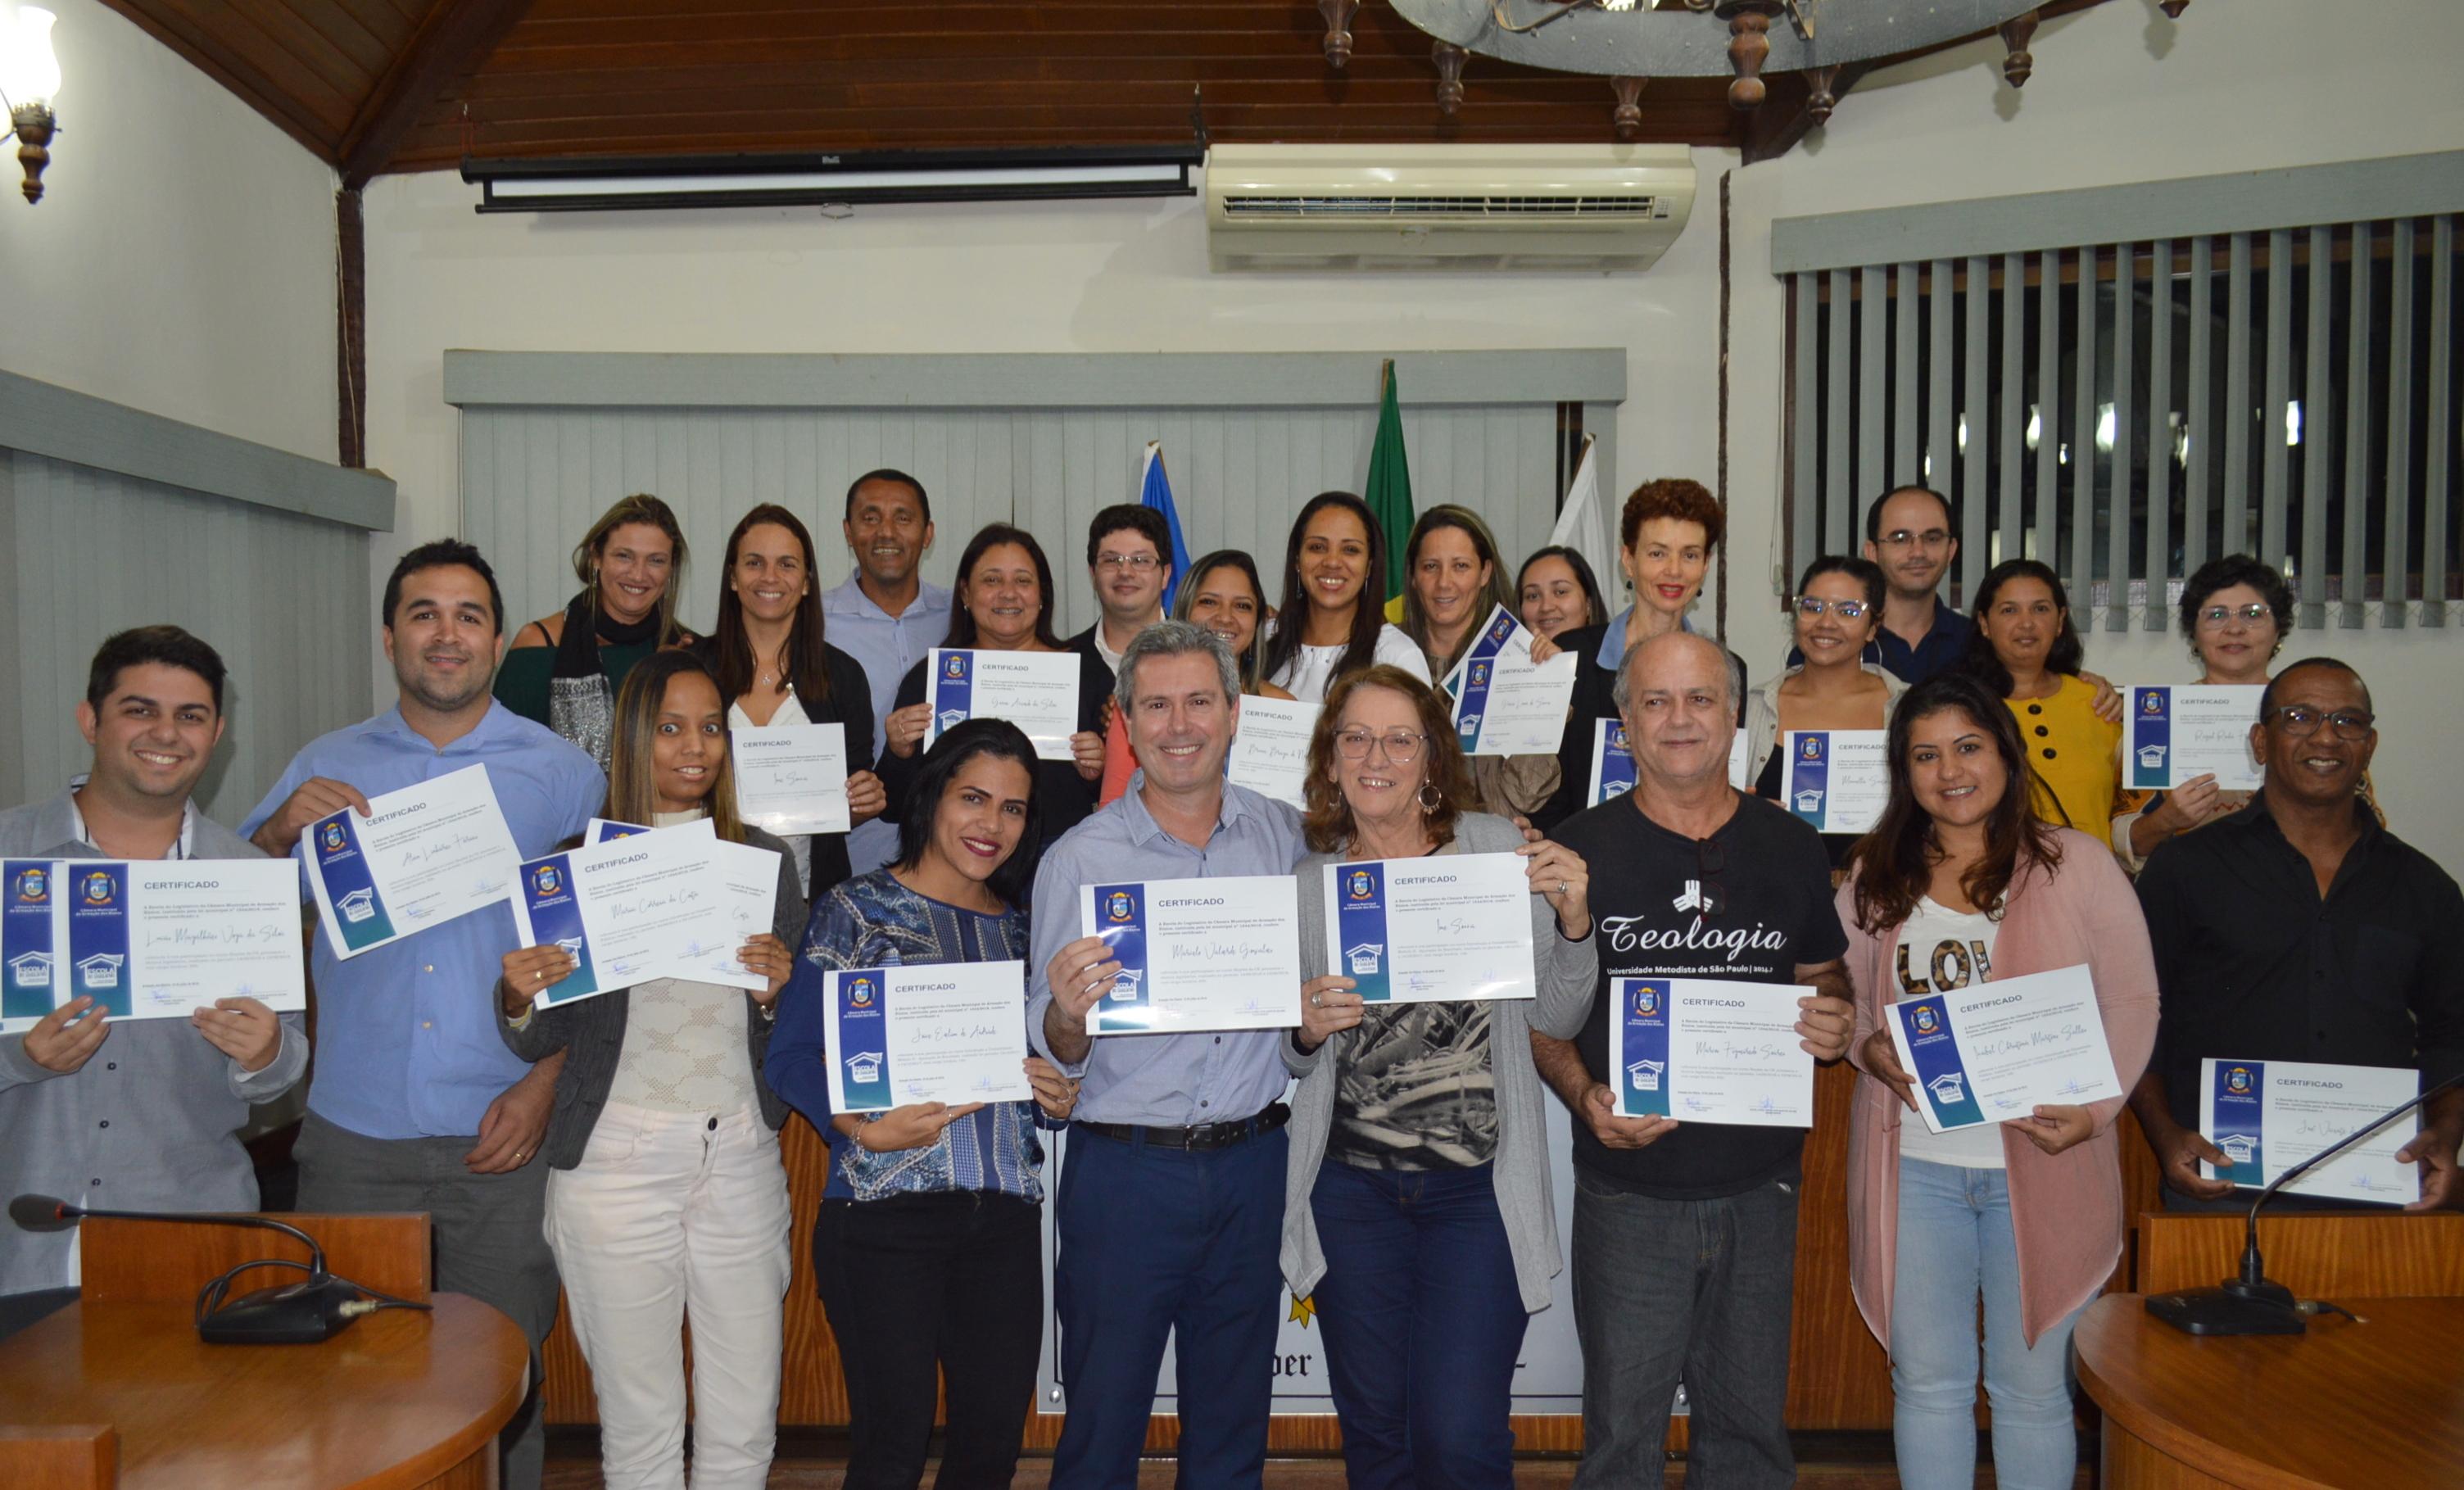 Alunos da Escola do Legislativo Participaram de Cerimônia de Entrega de Certificados